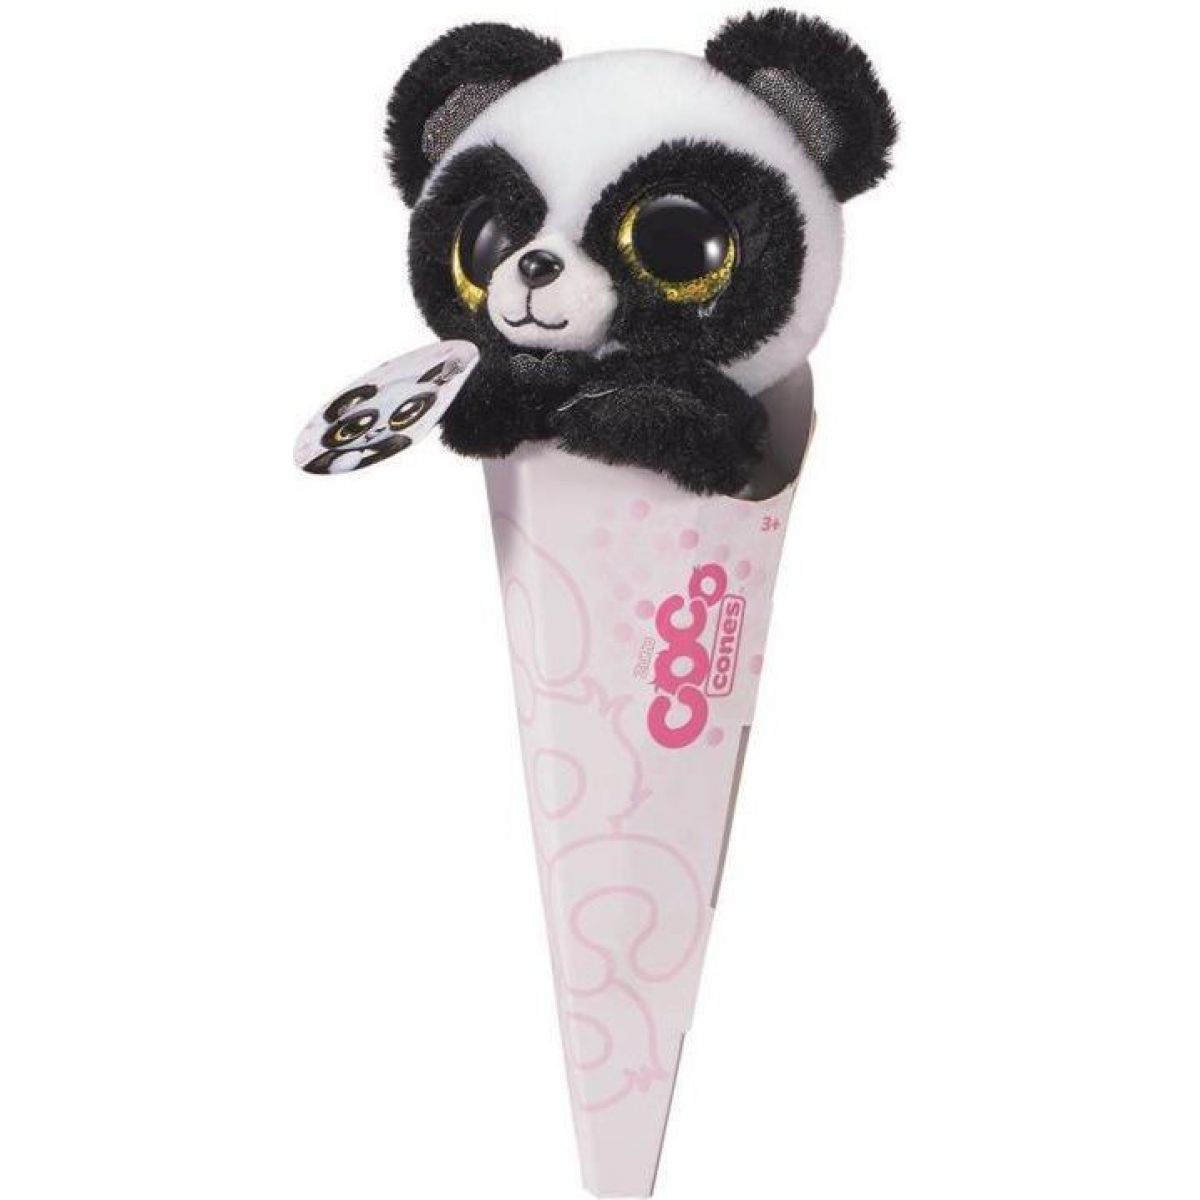 COCO plyšové zvířátko s překvapením Panda